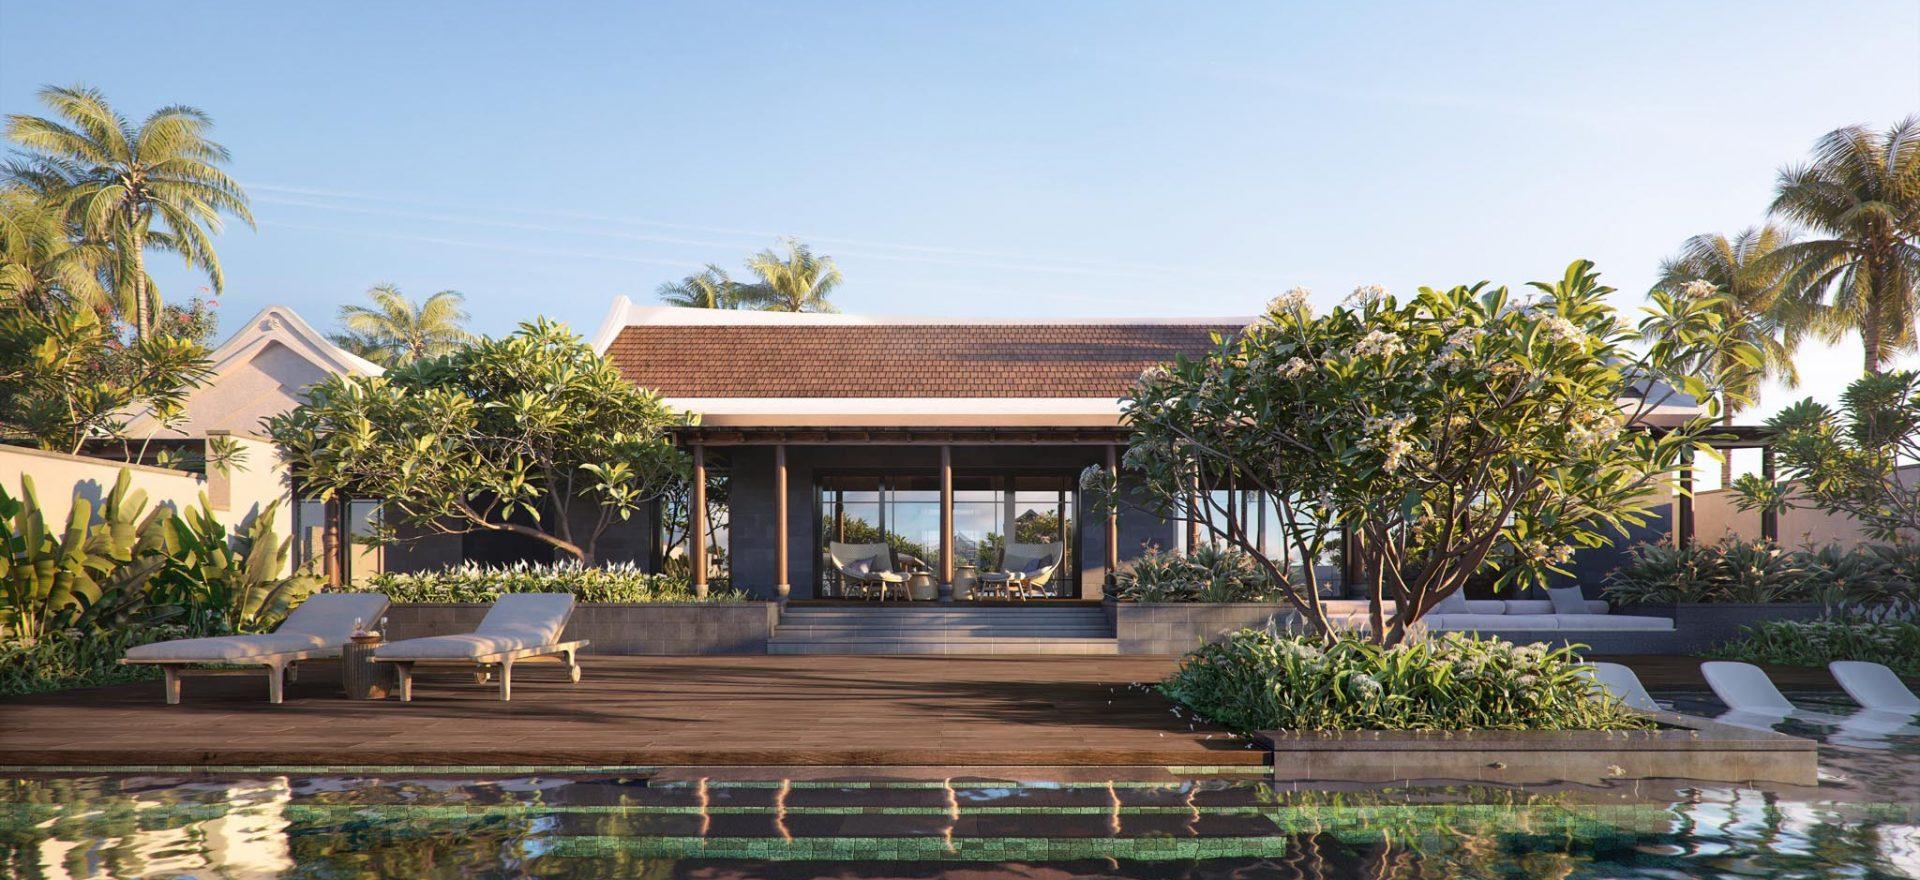 Park Hyatt Phu Quoc - villa pool